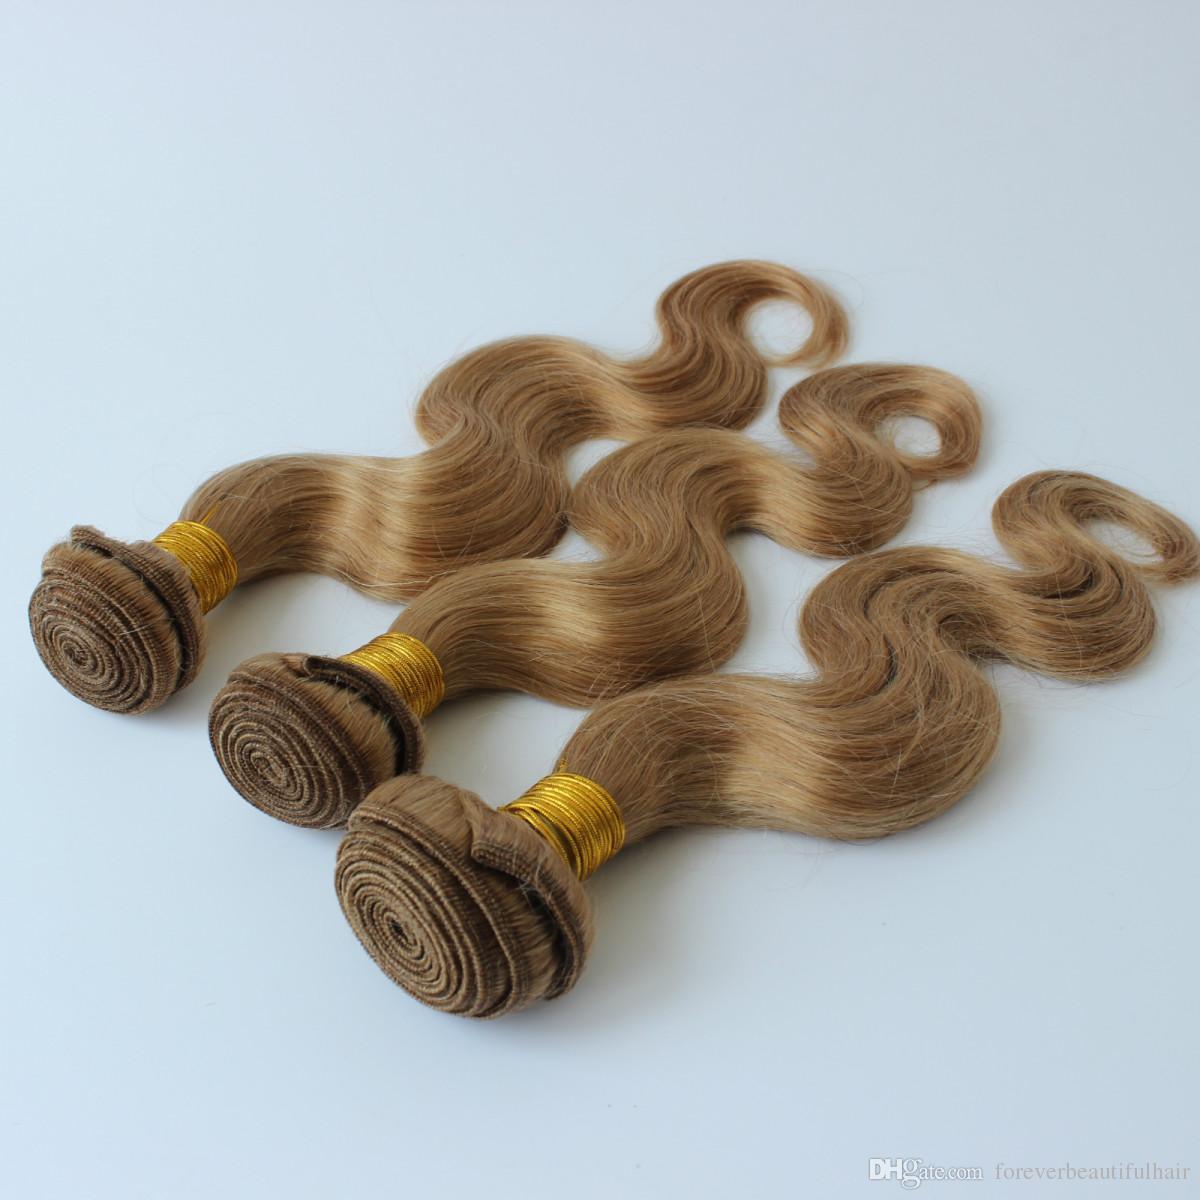 Ondas brasileñas del cuerpo 3 paquetes de armadura del cabello humano rubio Onda brasileña del cuerpo del cabello virgen # 27 Paquetes de cabello brasileño rubio dorado